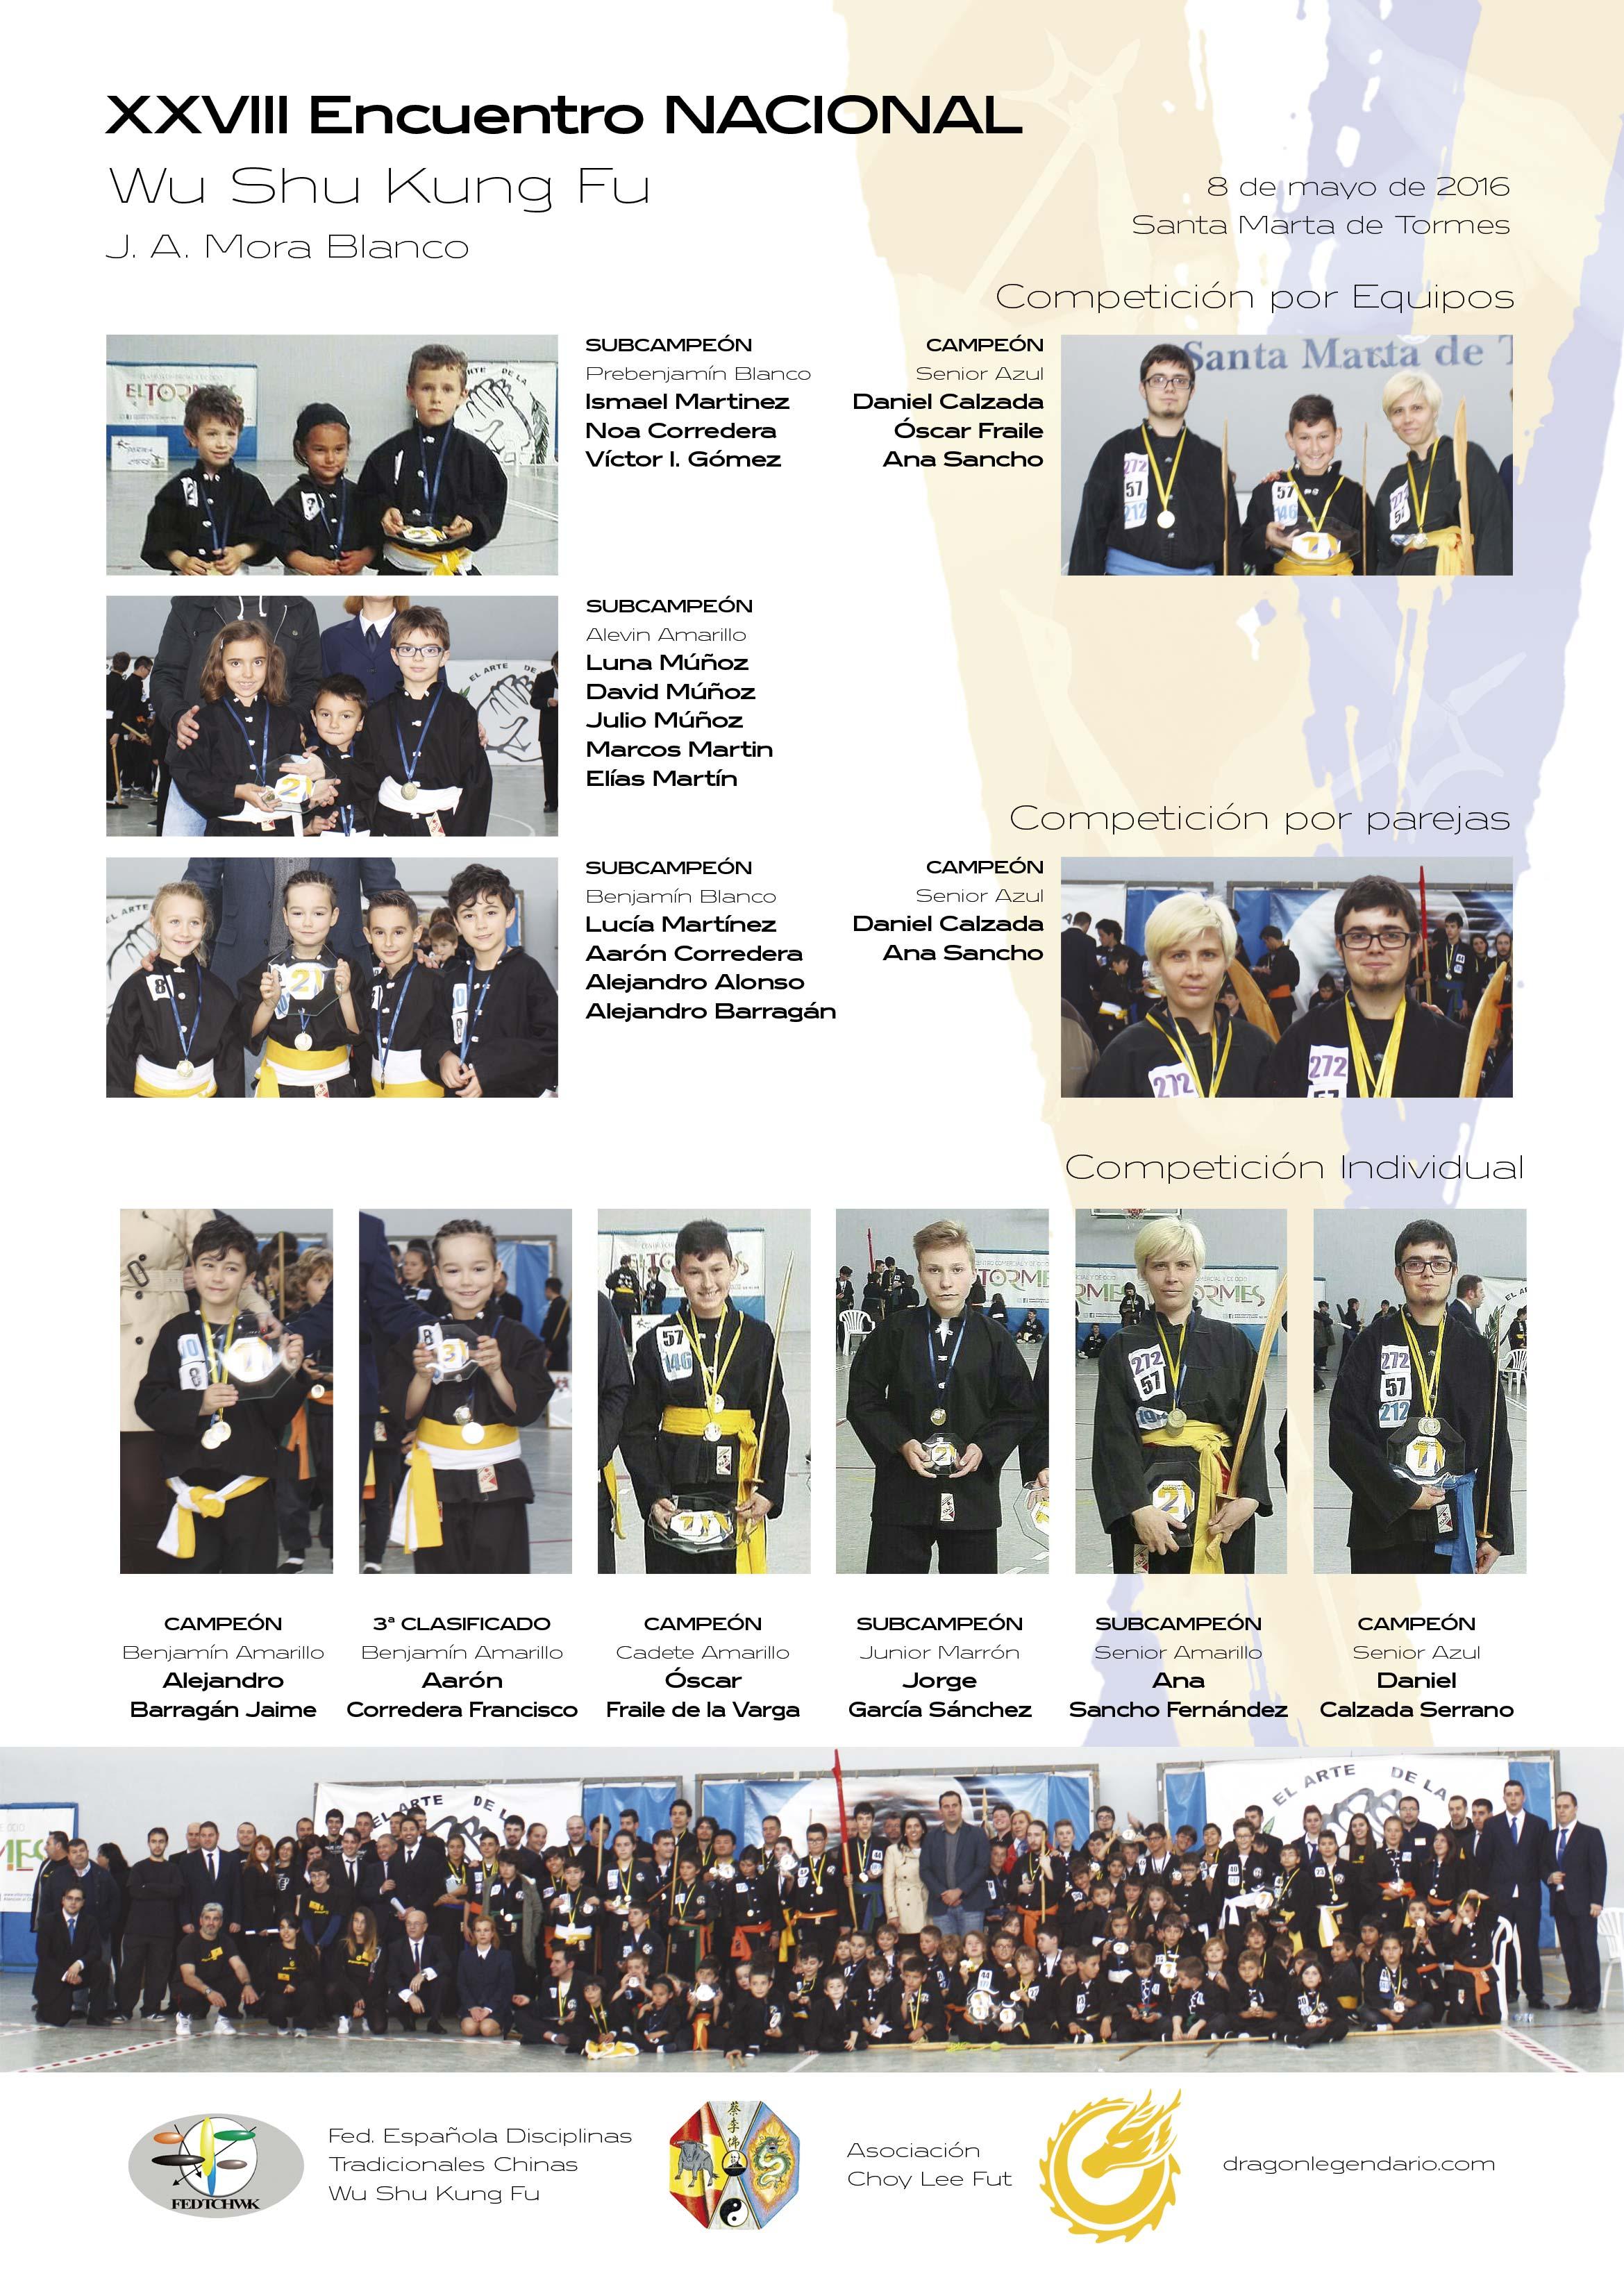 Encuentro Nacional 2016 - Ganadores